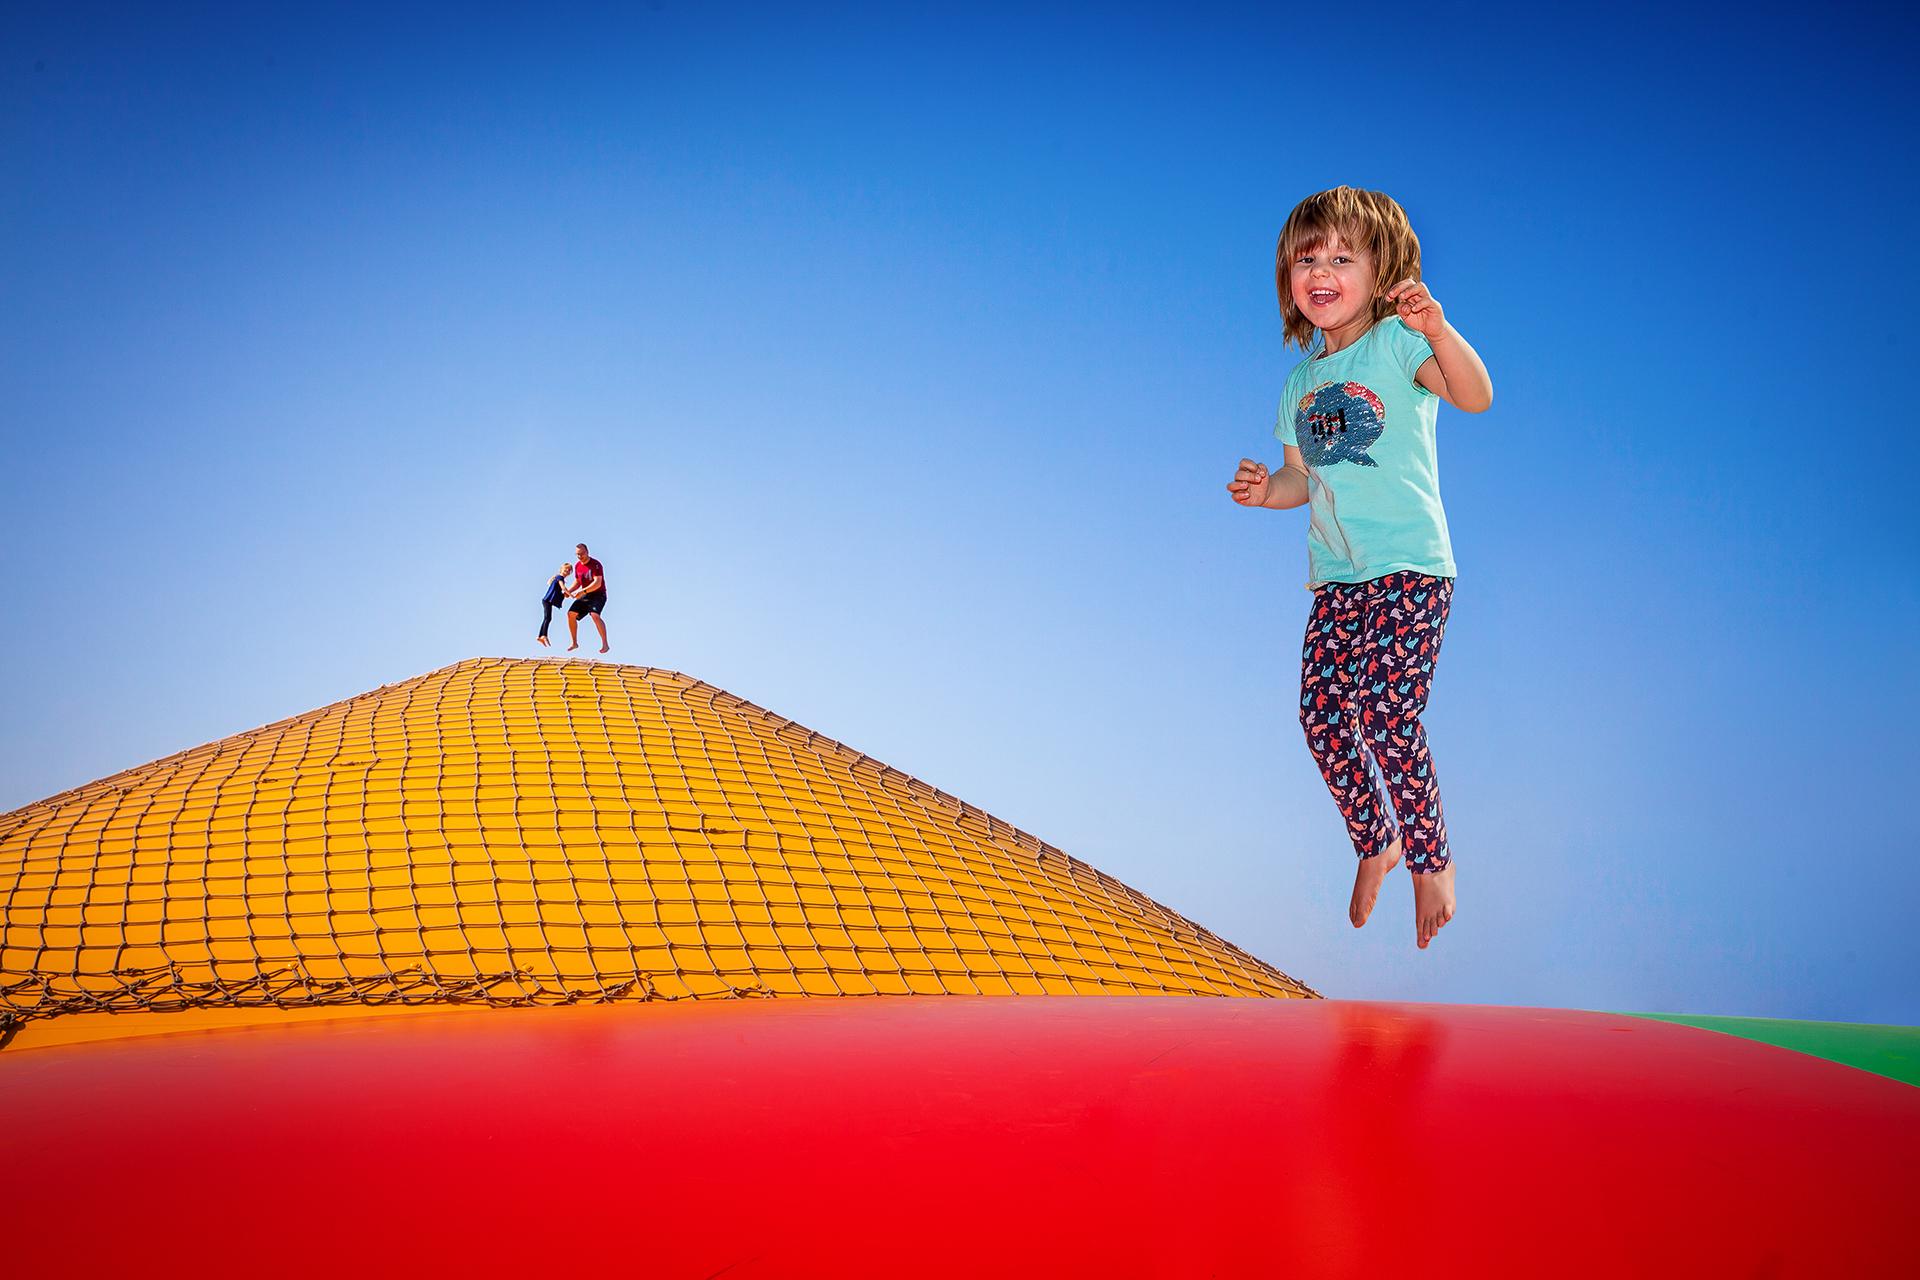 Kind beim Springen auf den Hüpfkissen Rövershagen